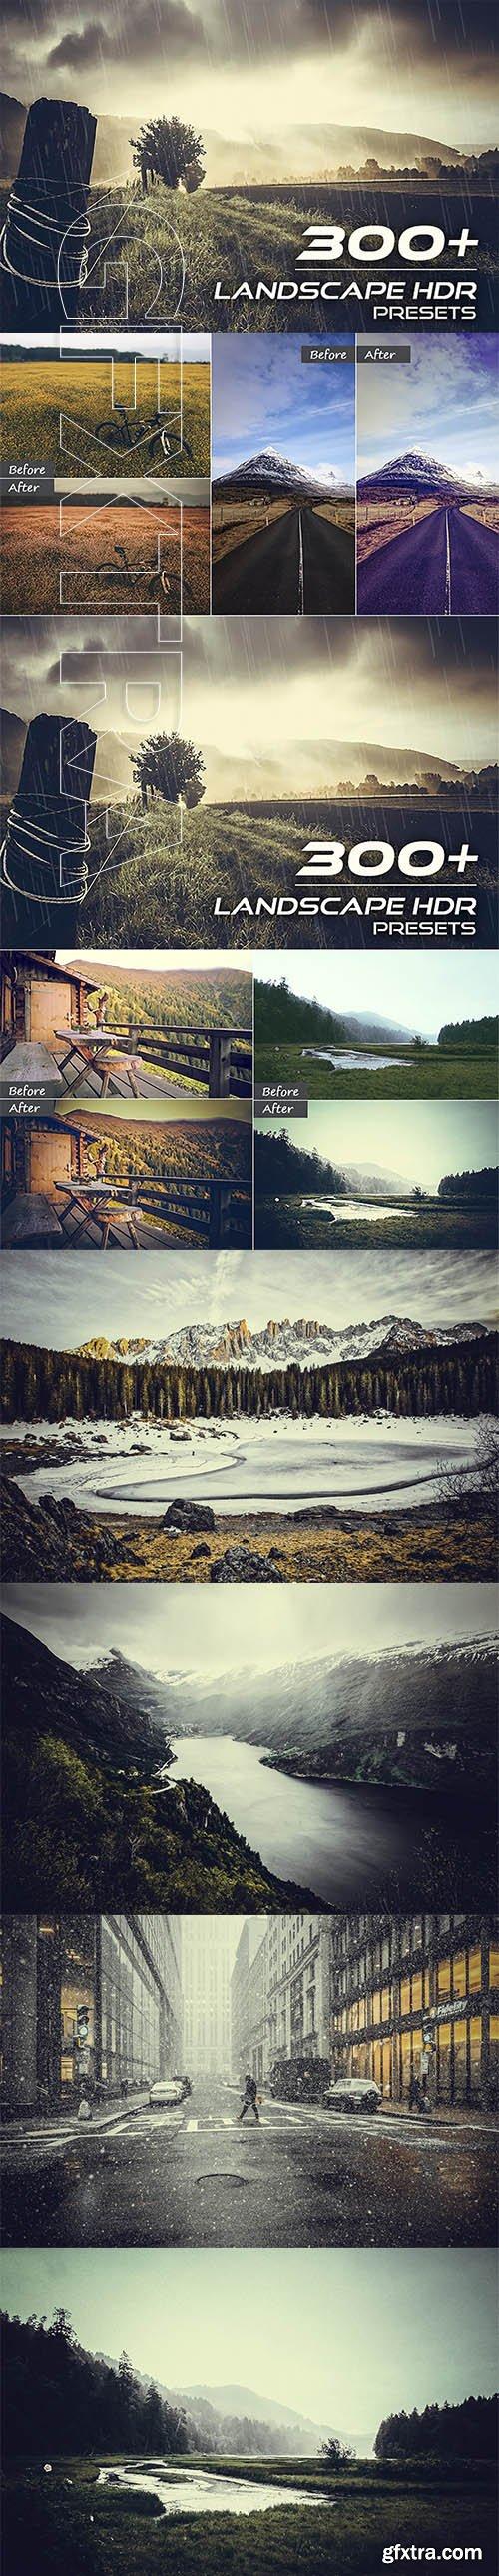 CreativeMarket - 310+ Landscape HDR Presets 2684134